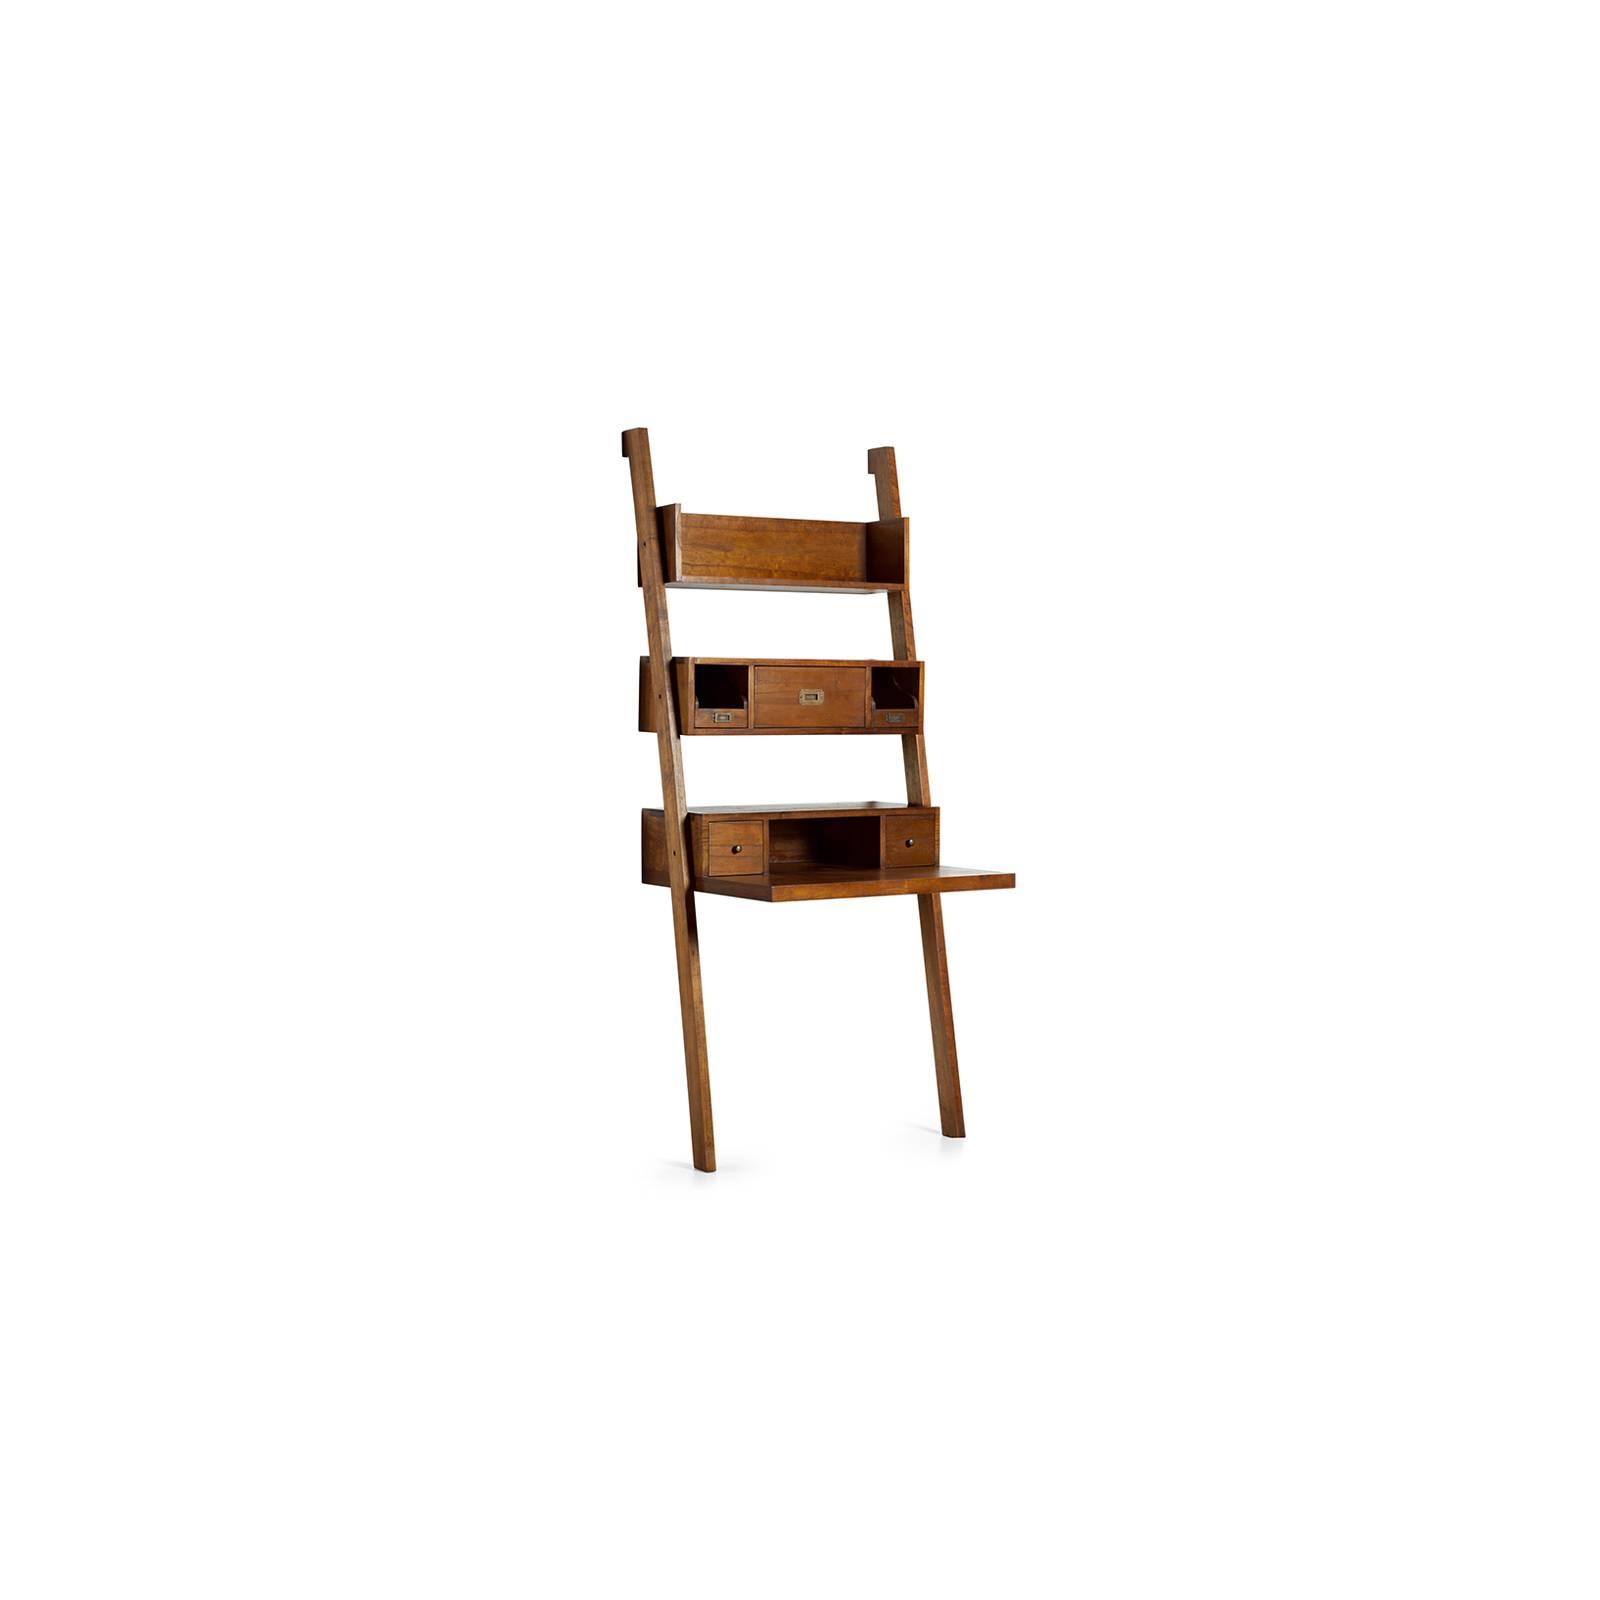 Étagère Échelle Tali Mindy - meuble bois exotique